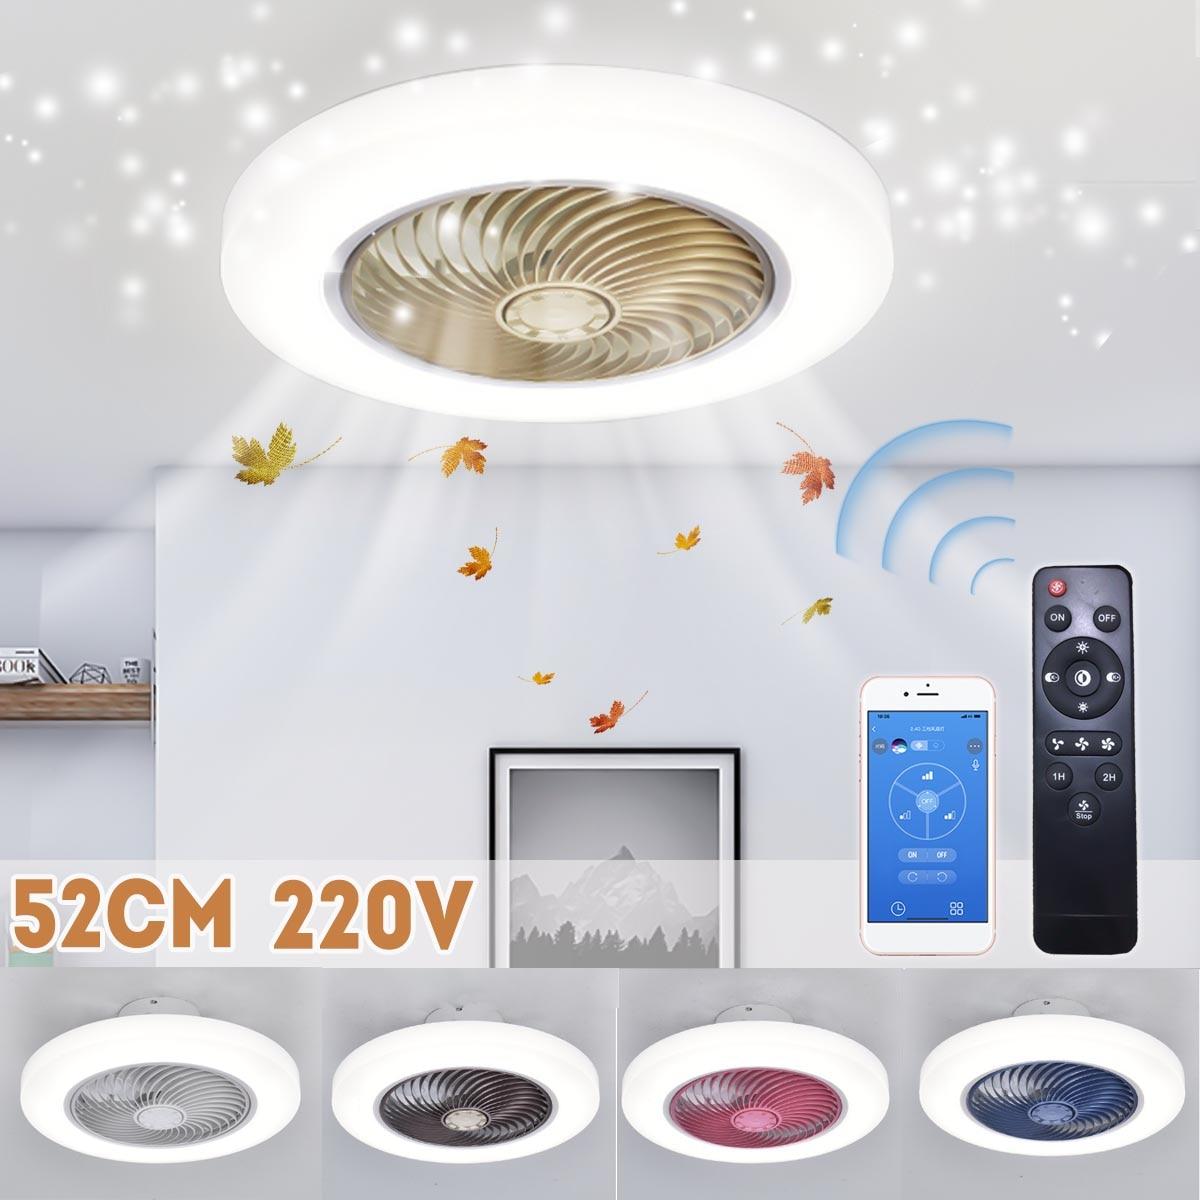 52 سنتيمتر مروحة سقف الذكية مع أضواء قابل للتعديل سرعة التحكم عن بعد التهوية مصباح LED ضوء السقف لغرفة النوم غرفة المعيشة